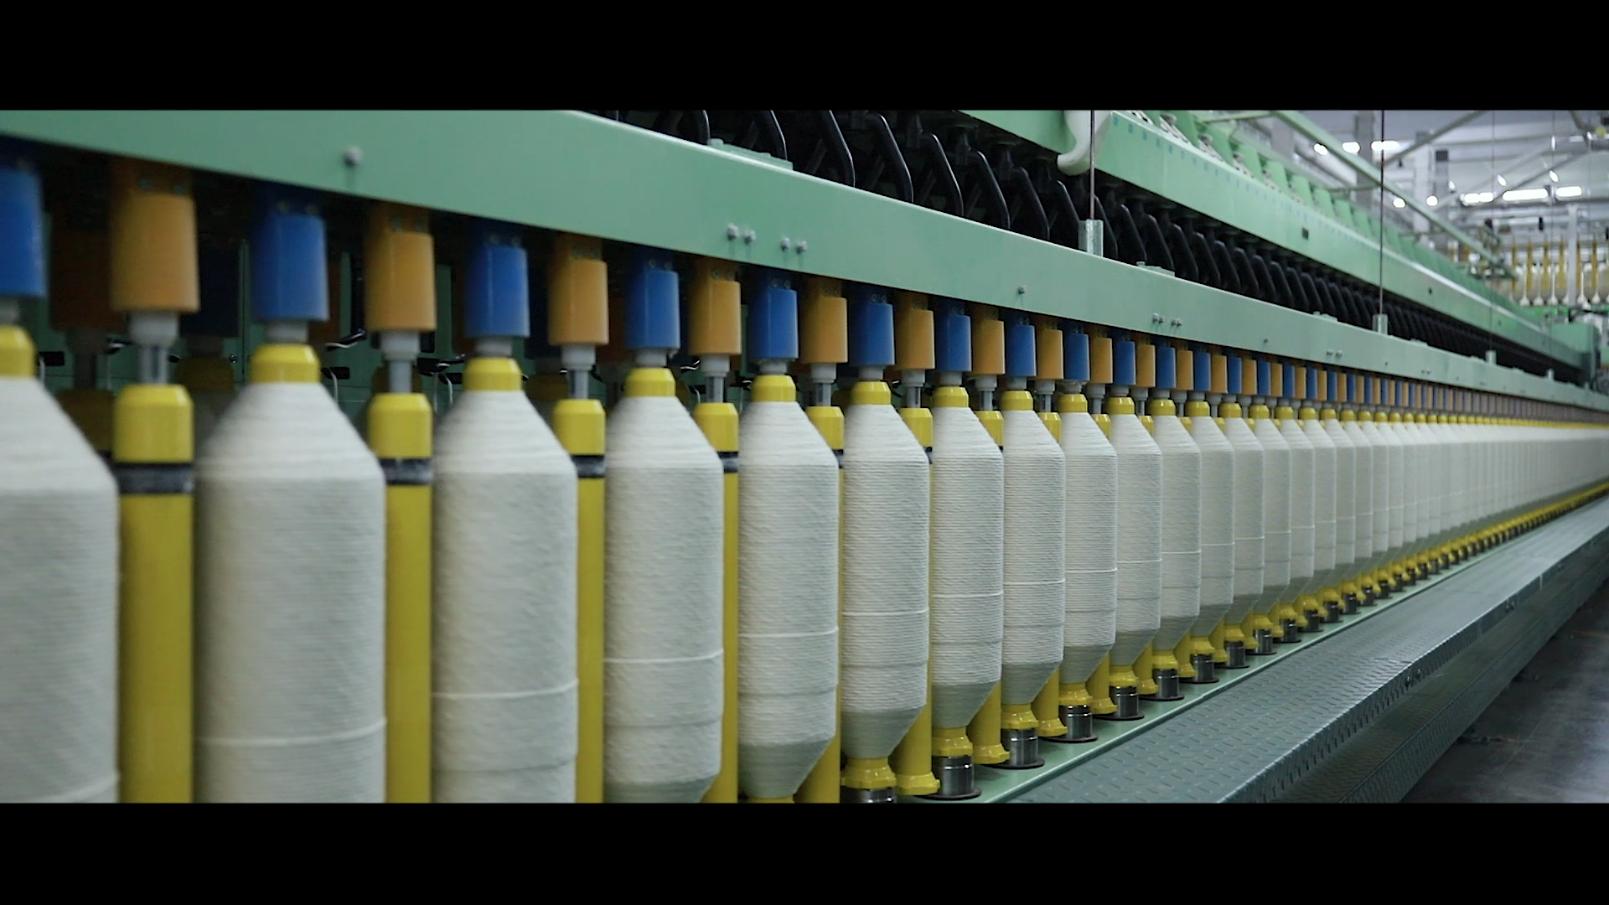 企业宣传片拍摄剪辑包装—企业产品宣传广告片